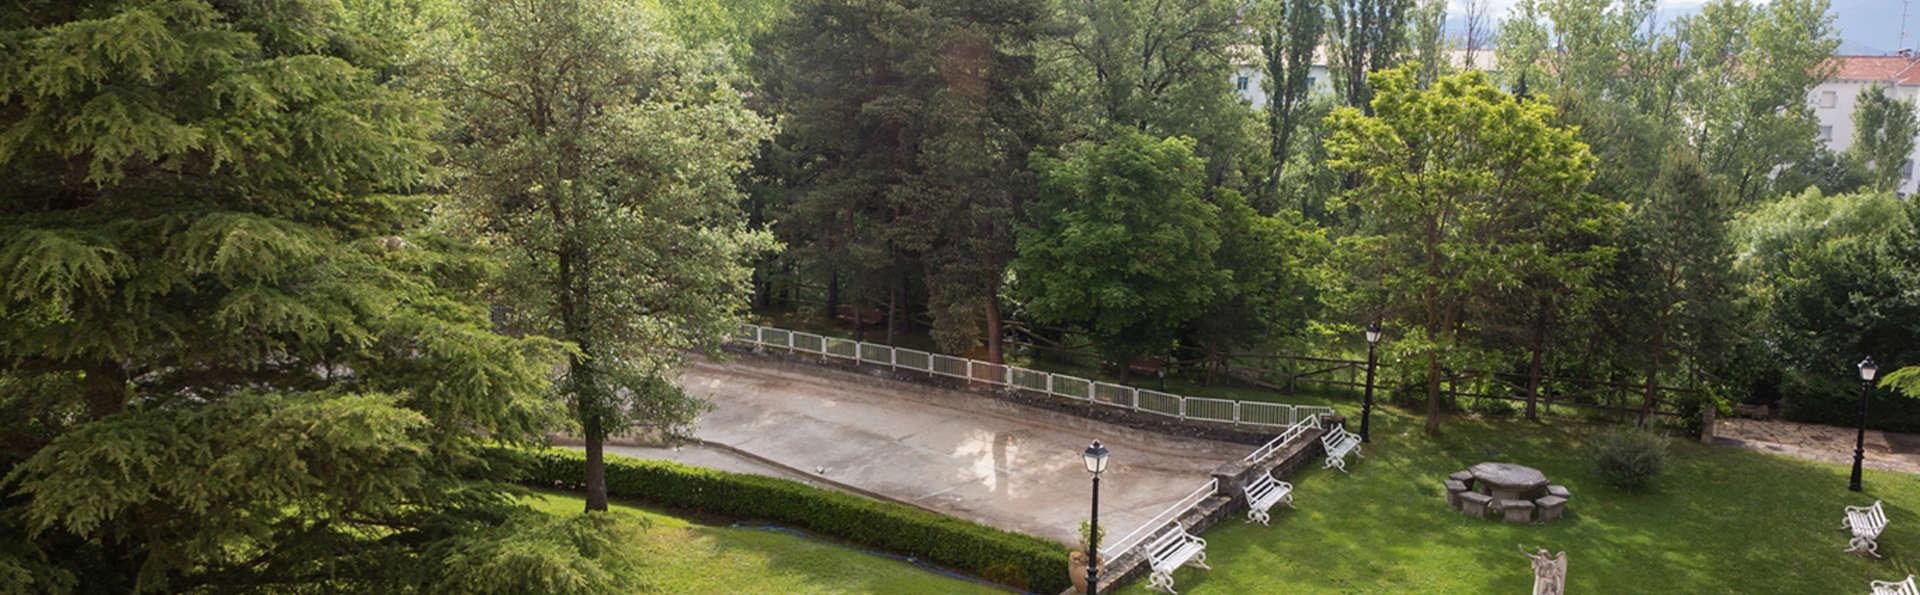 Hotel La Pardina (inactive) - edit_garden9212.jpg